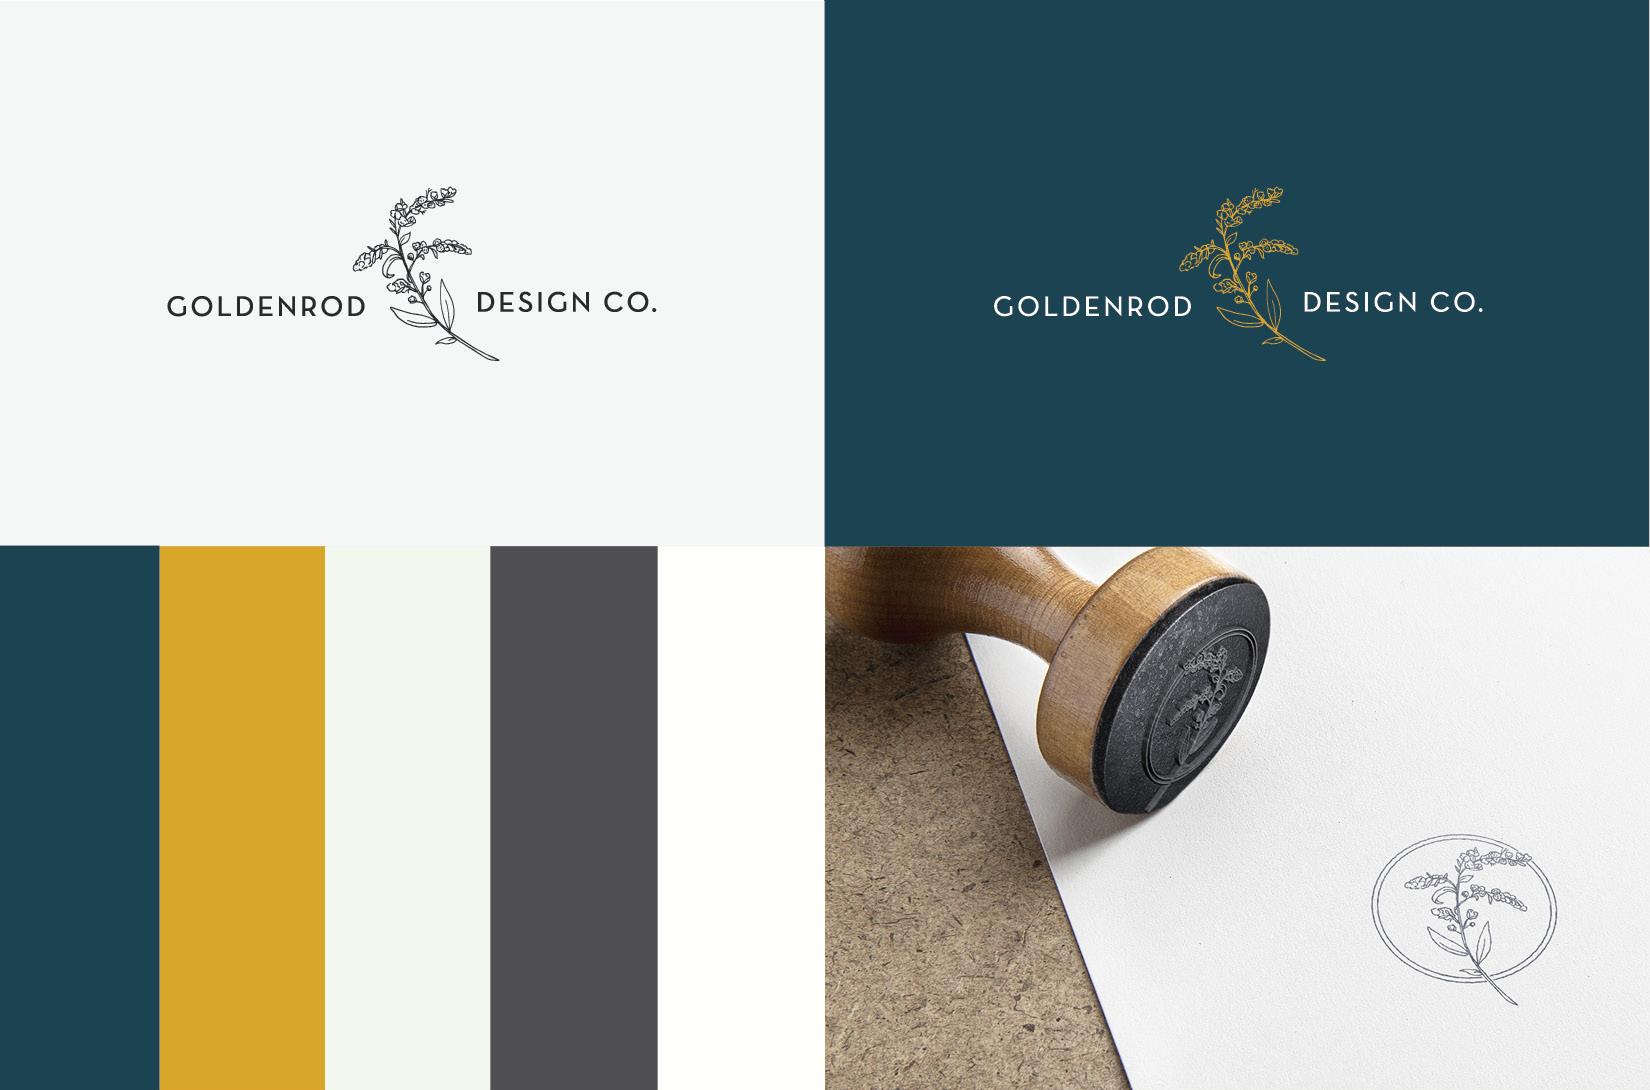 Branding_Web Images_Goldenrod.jpg